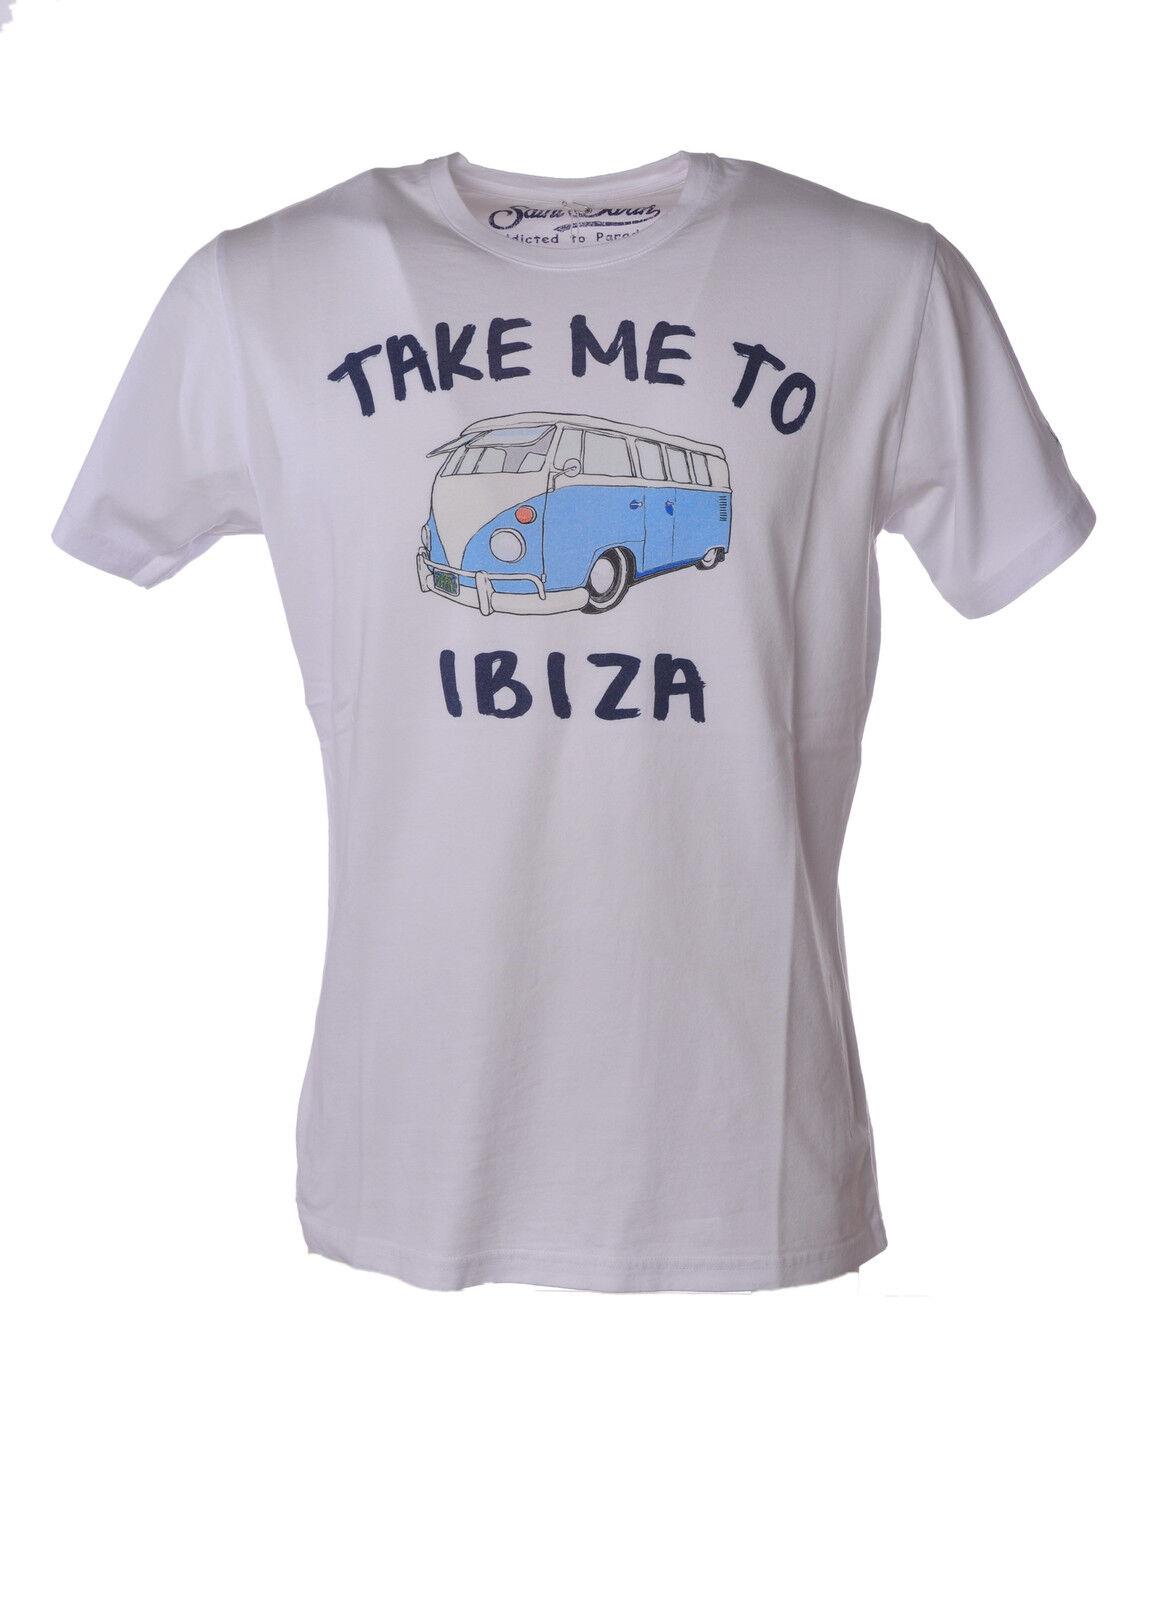 Saint Barth - Topwear-T-shirts - Man - Weiß - 3495311M183629